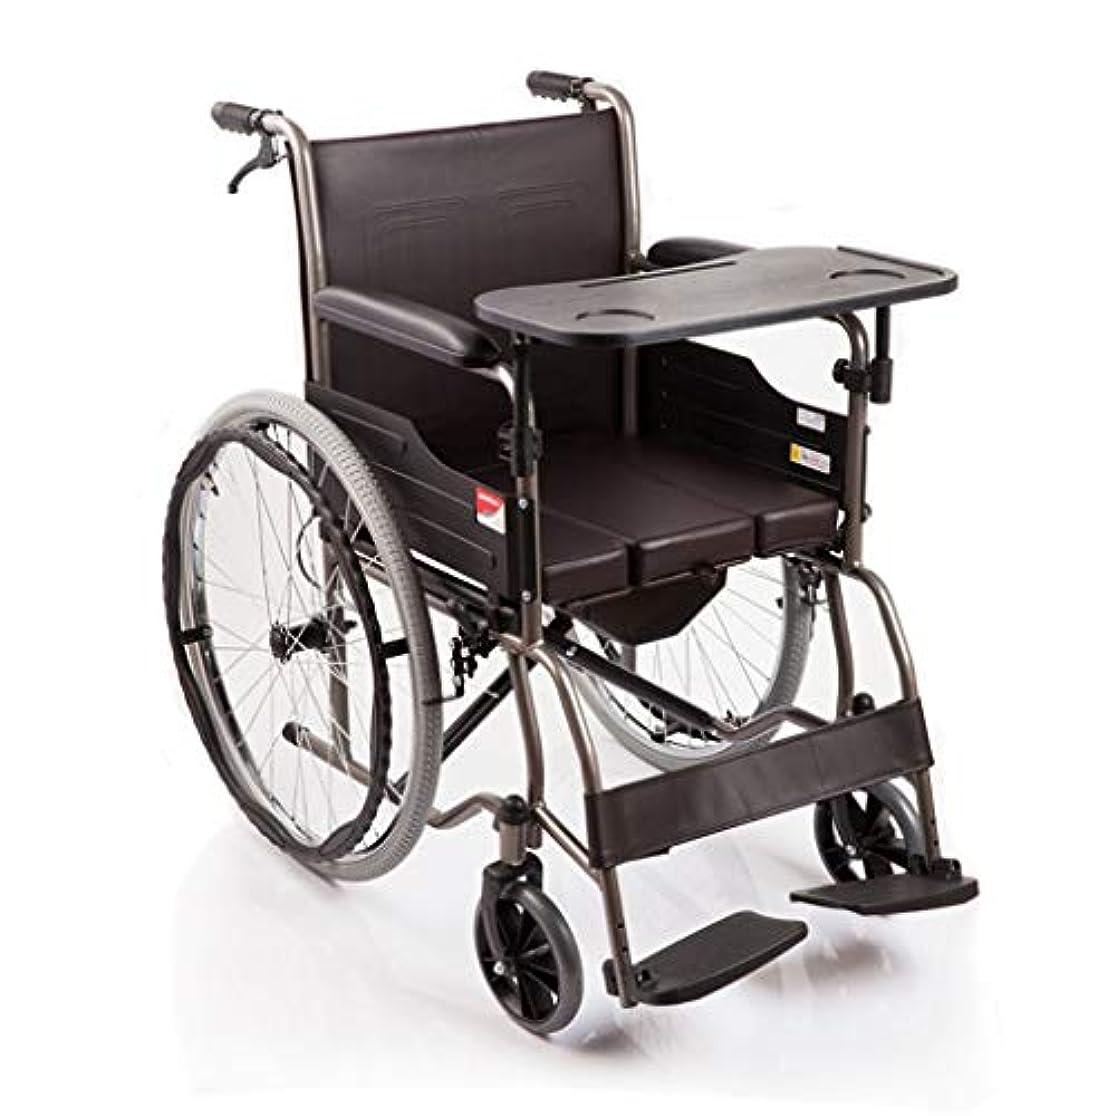 幼児小さいマルクス主義者手動車椅子シミュレーションレザーシートクッション、多機能車椅子、高齢者用屋外折りたたみ式トイレデザイン車椅子